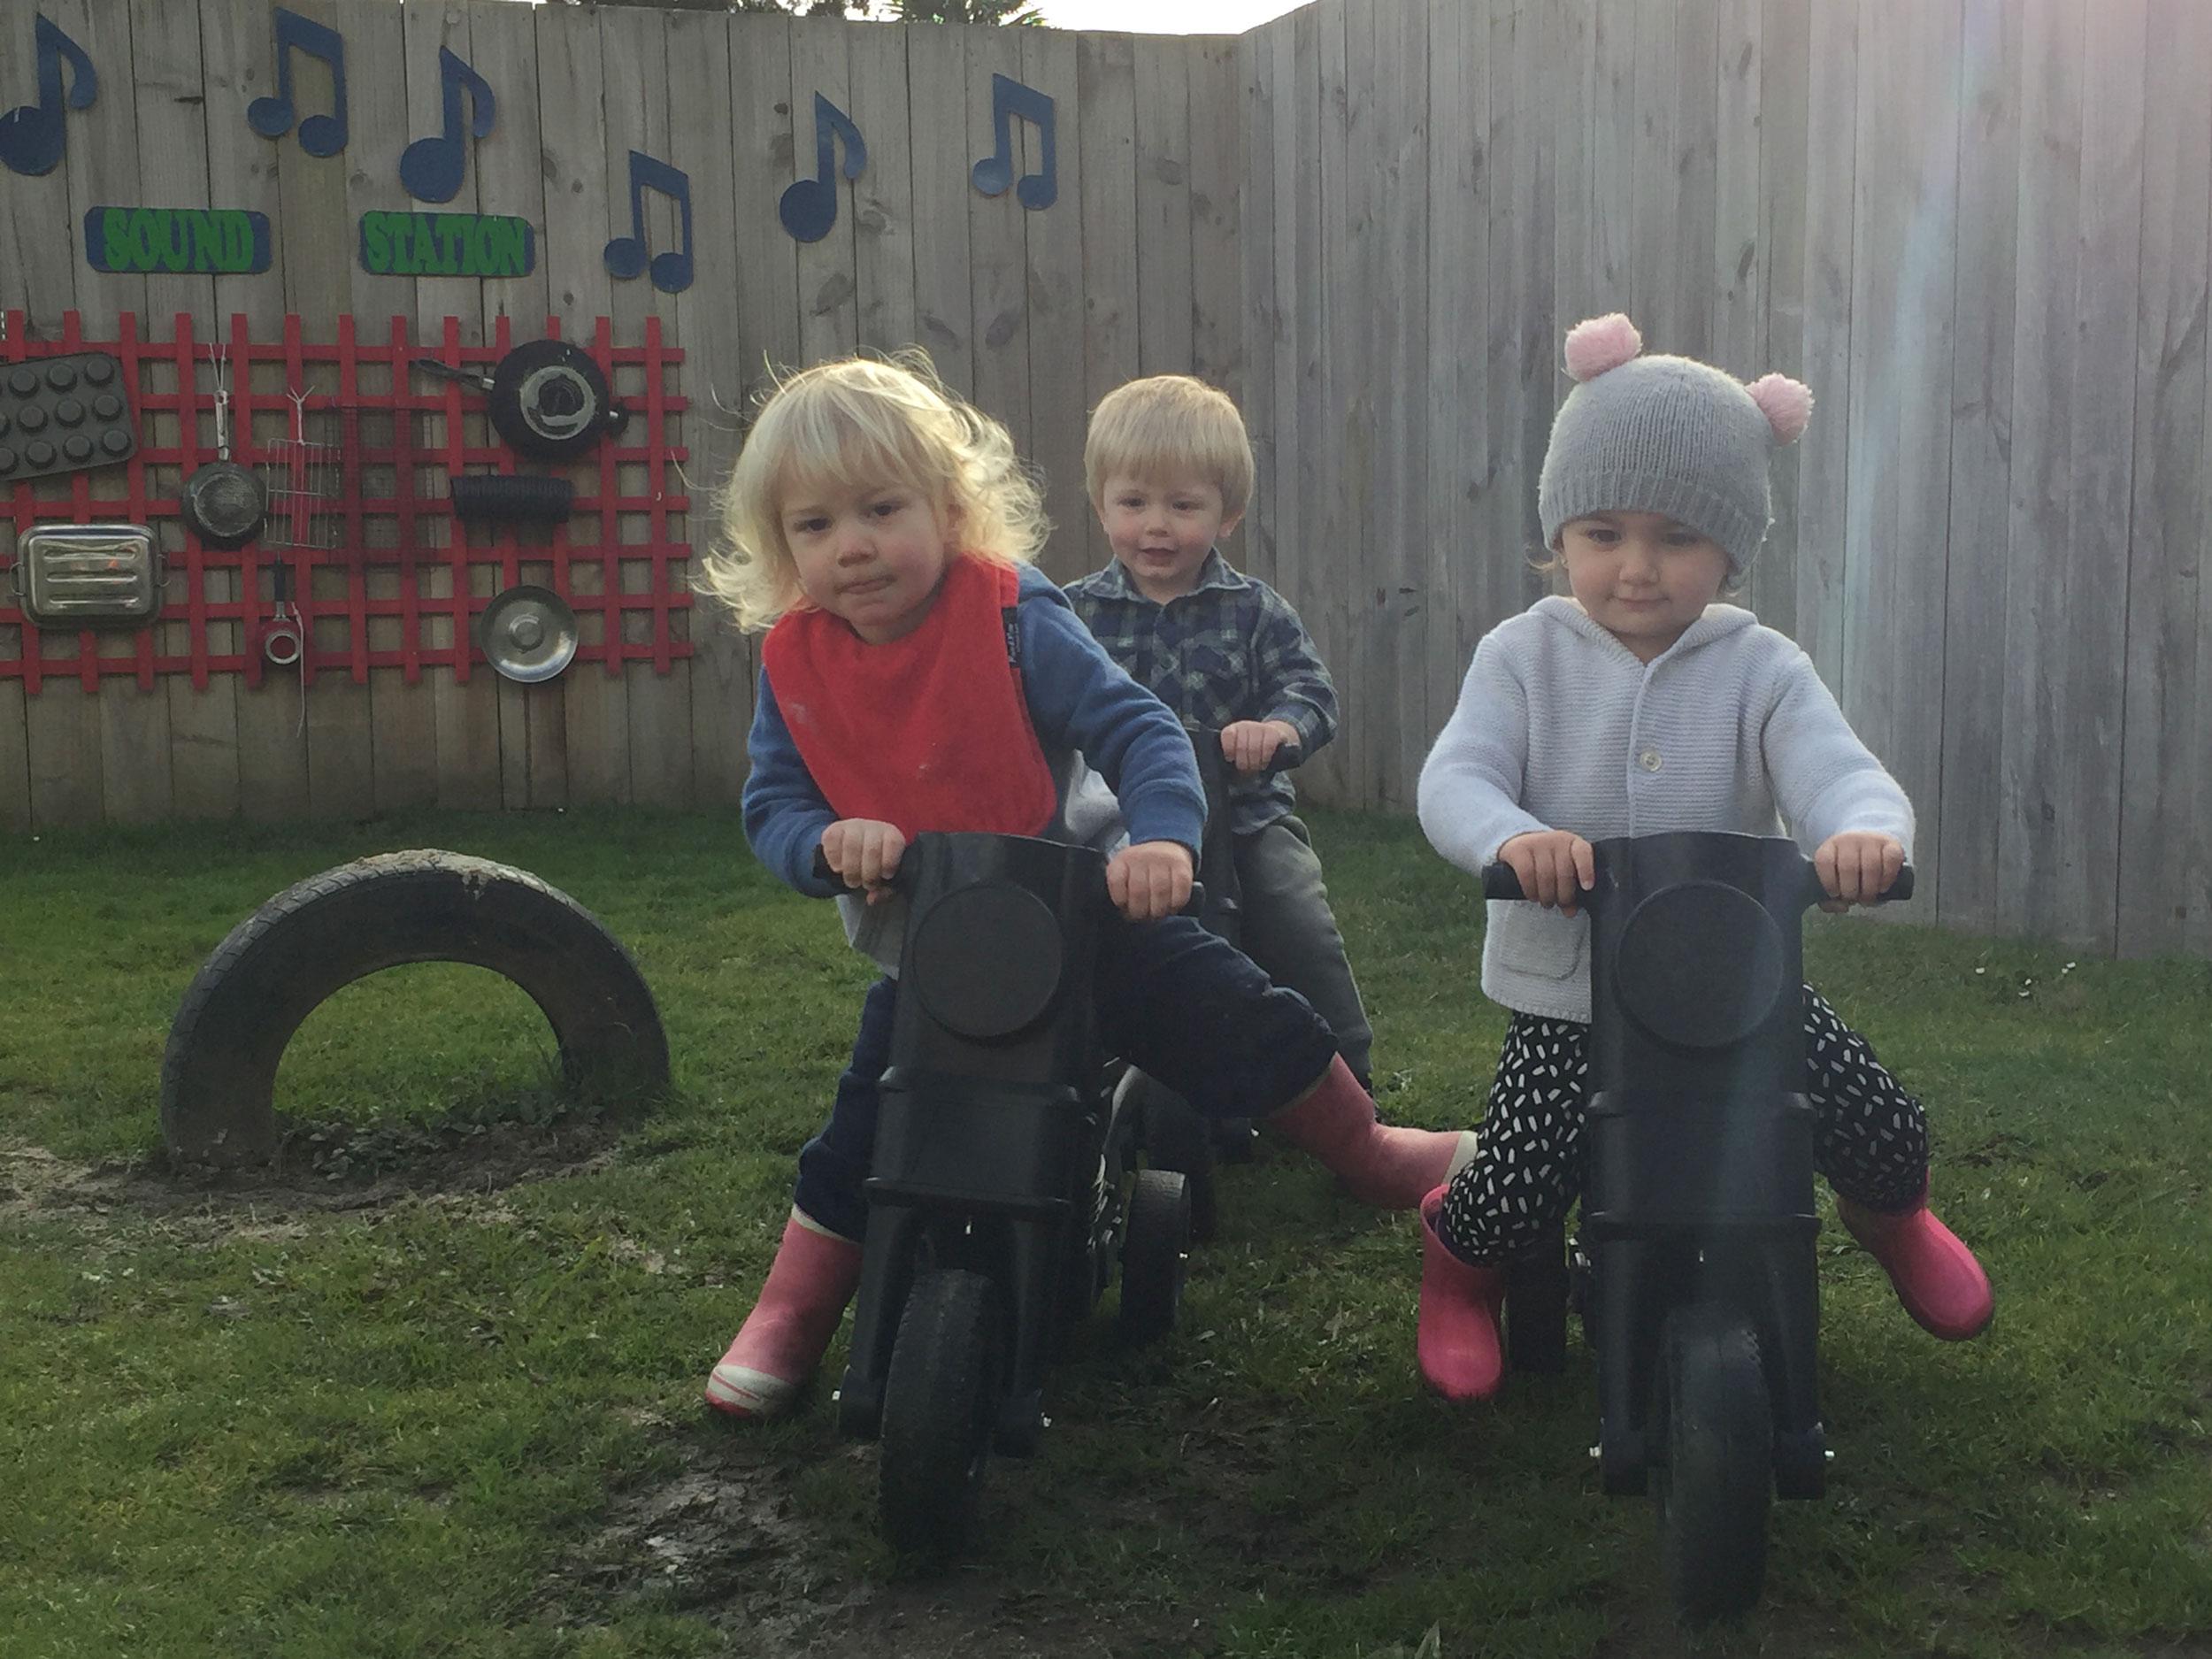 Friends cruising outdoors